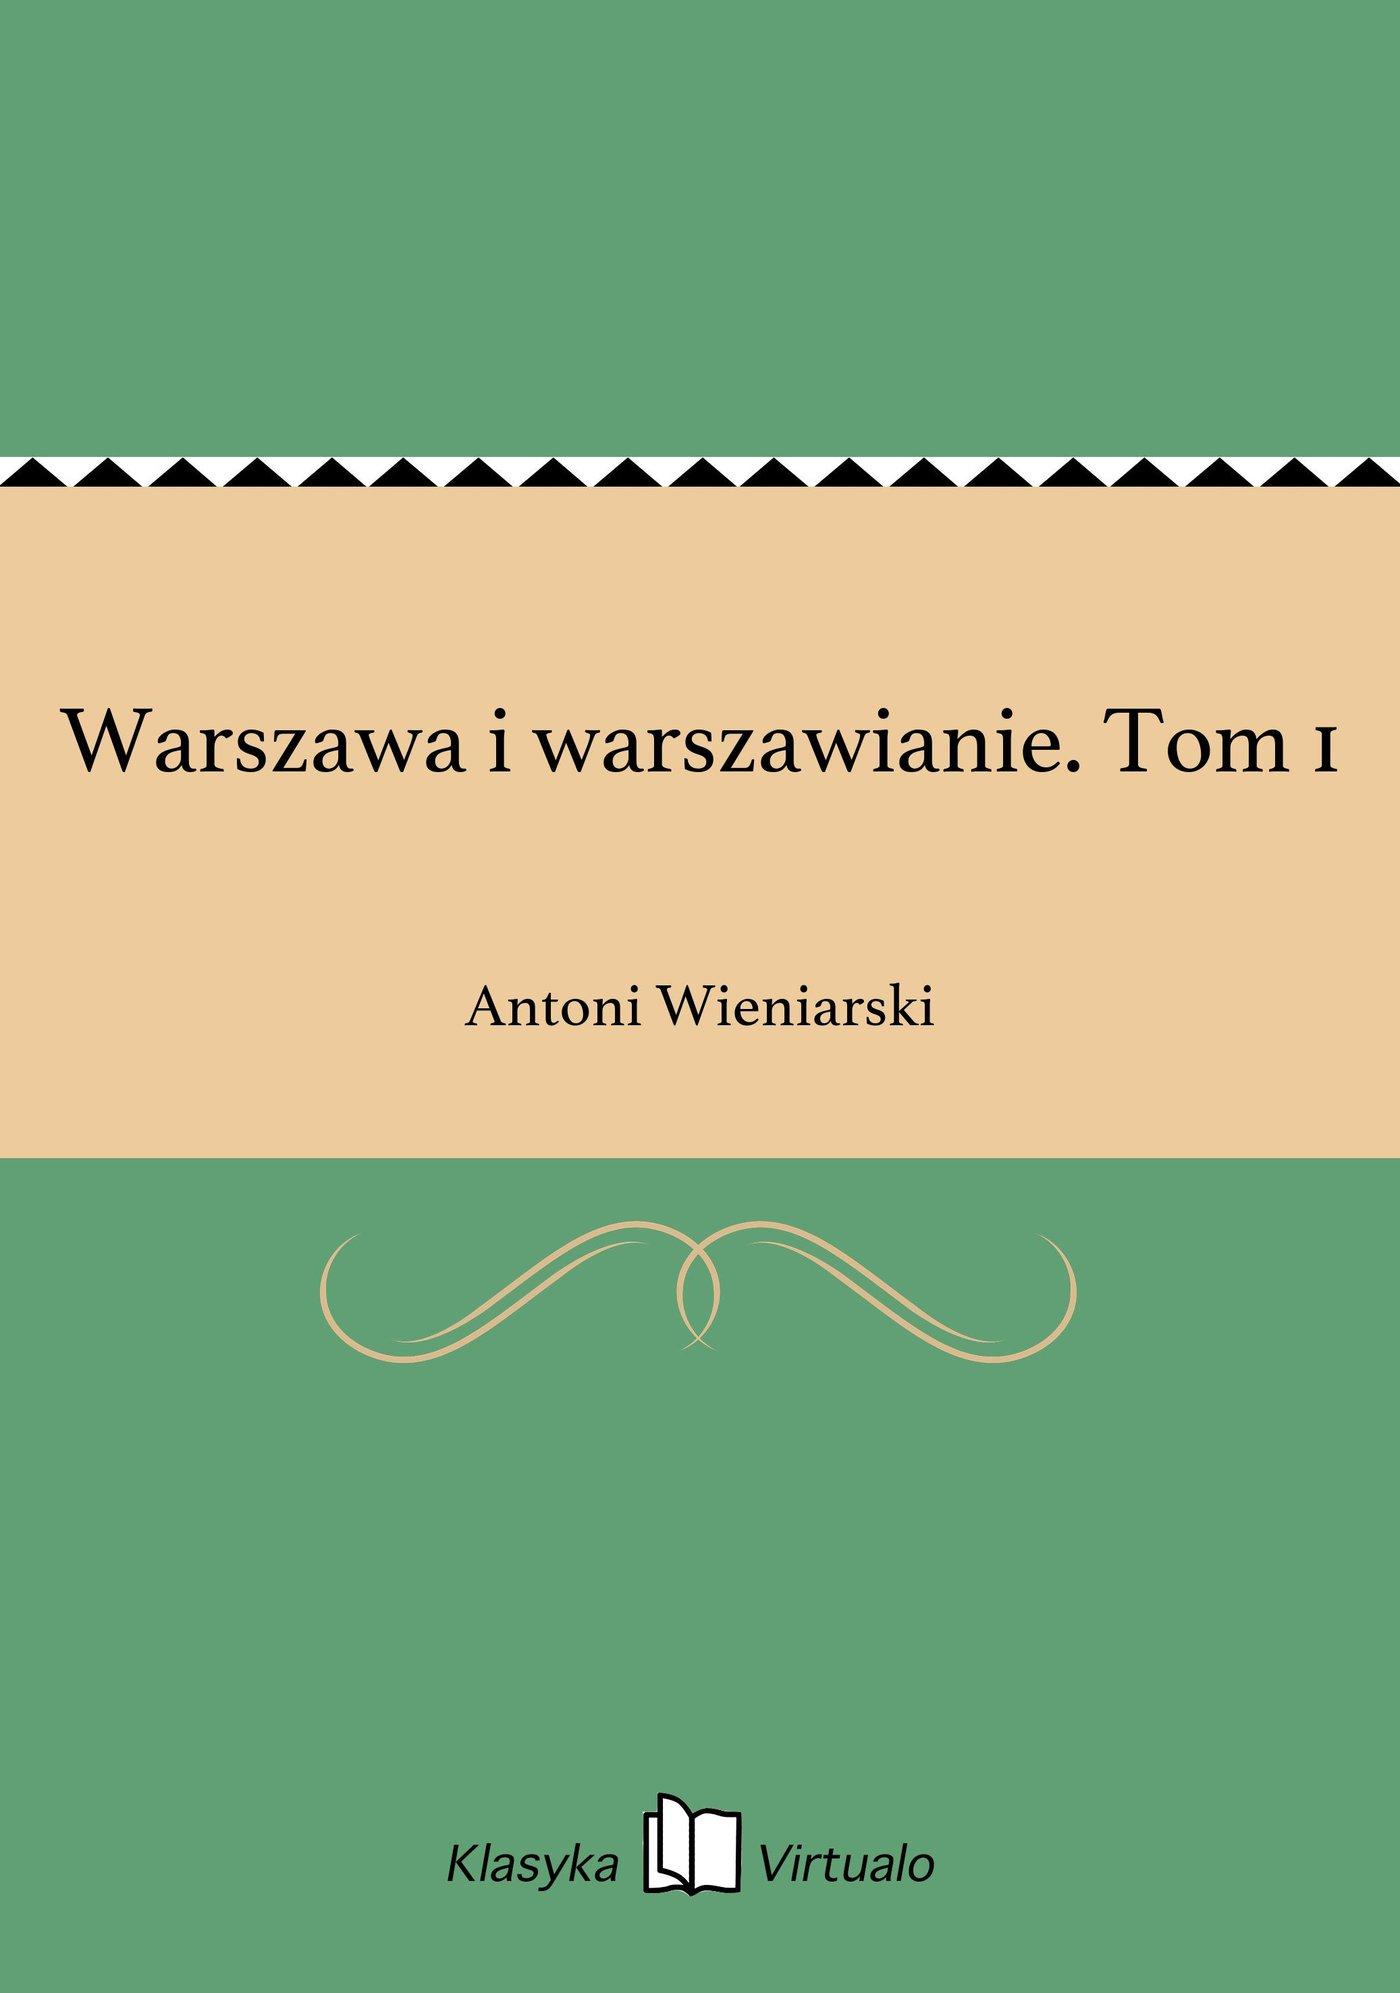 Warszawa i warszawianie. Tom 1 - Ebook (Książka EPUB) do pobrania w formacie EPUB